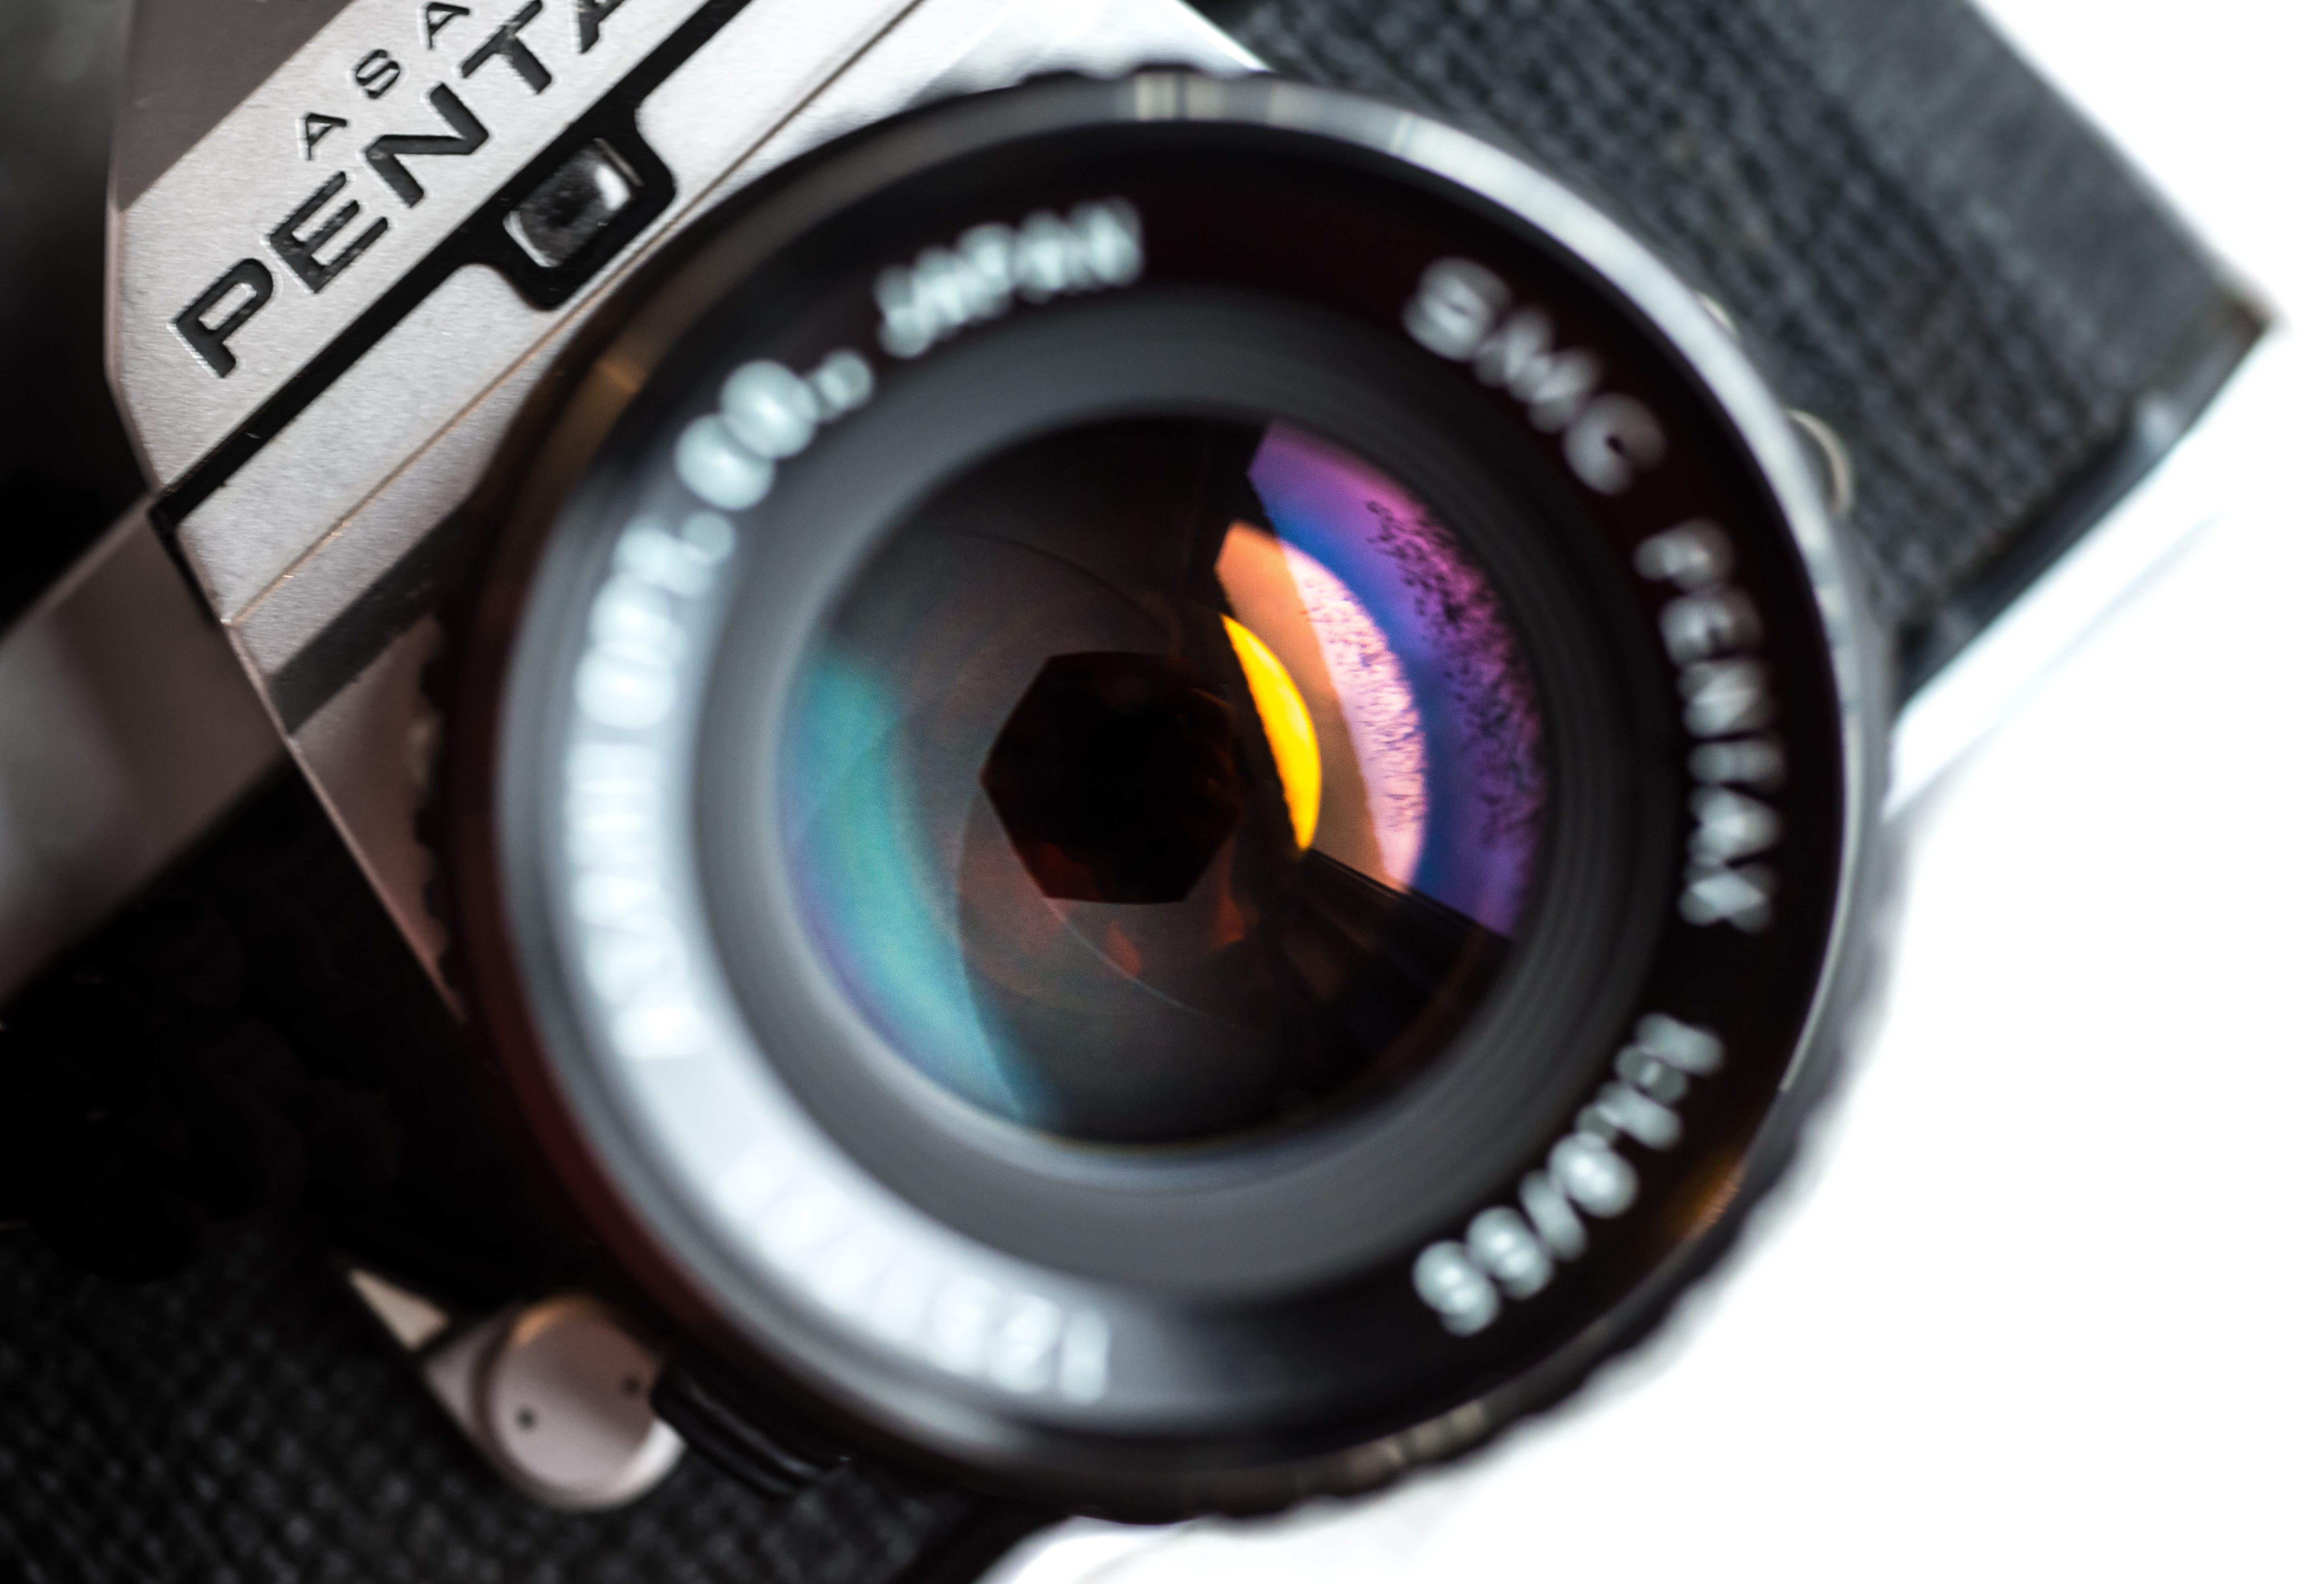 Δωρεάν στοκ φωτογραφιών με αναλογικός, βιομηχανία, γκρο πλαν, διάφραγμα